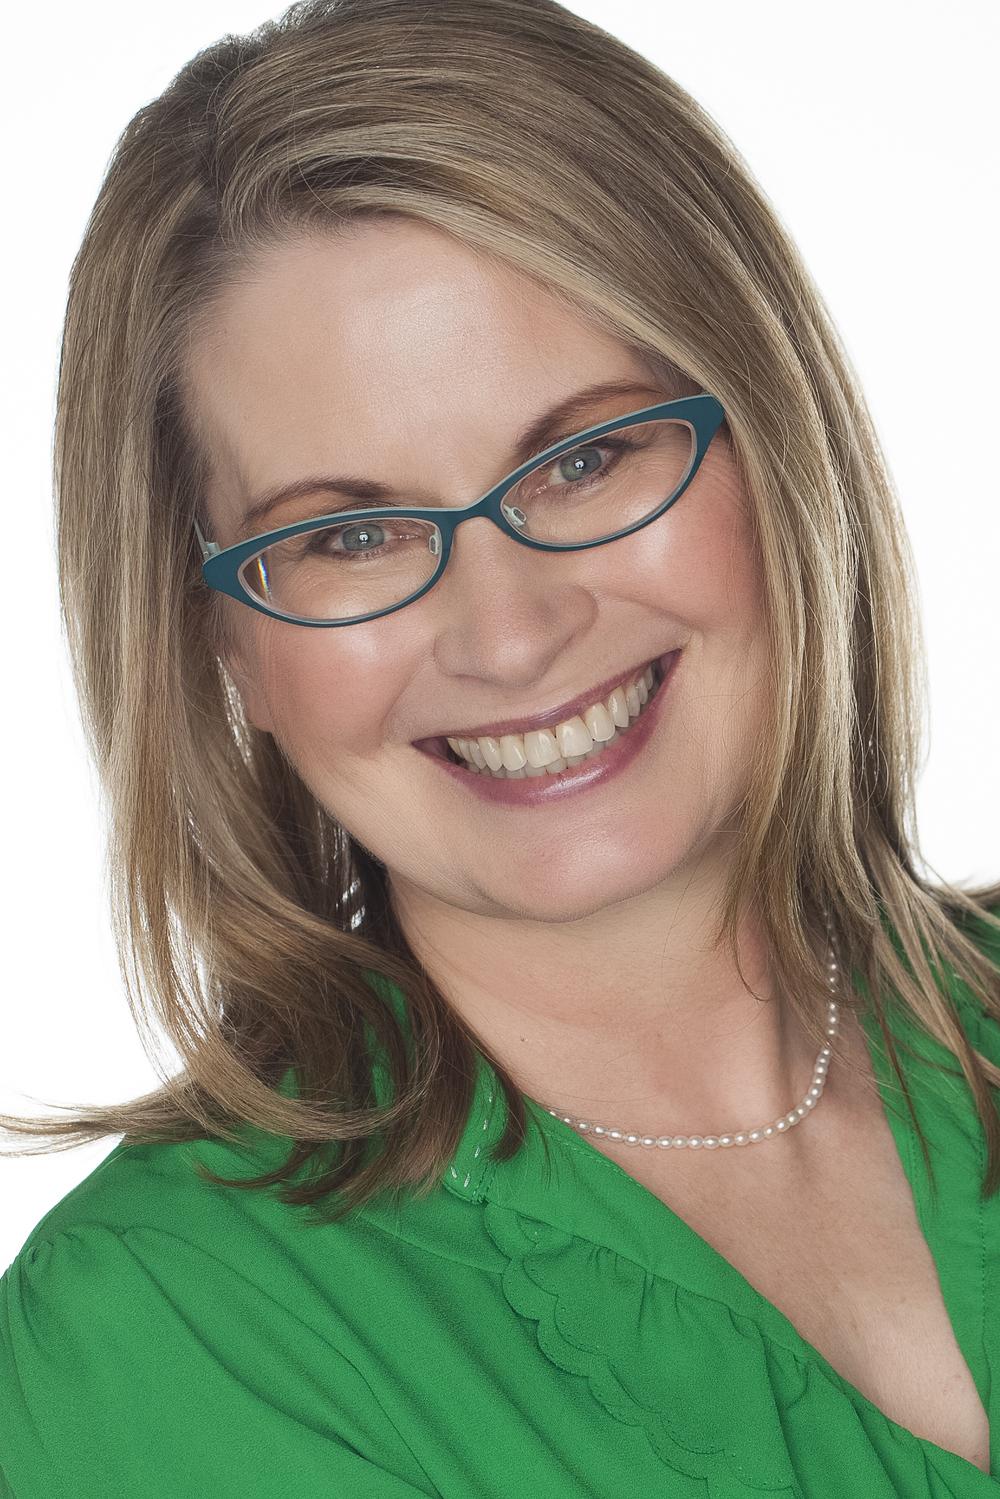 Melanie Rice